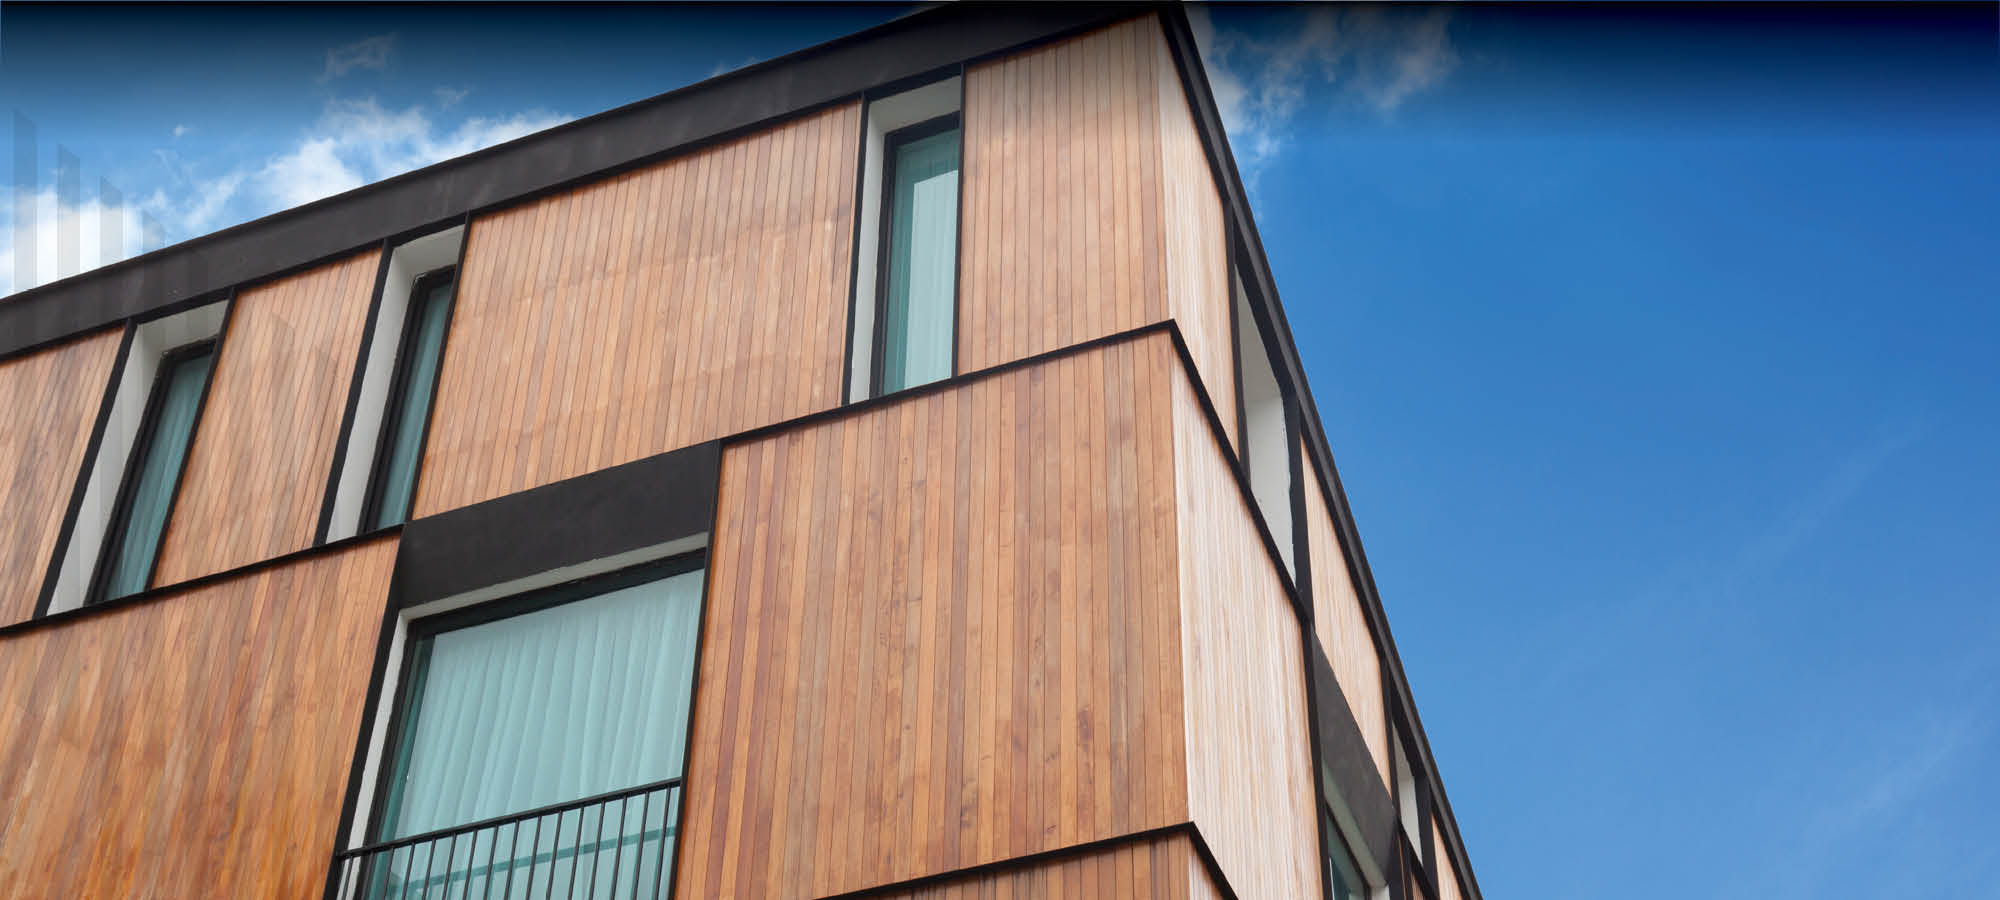 architectual designs